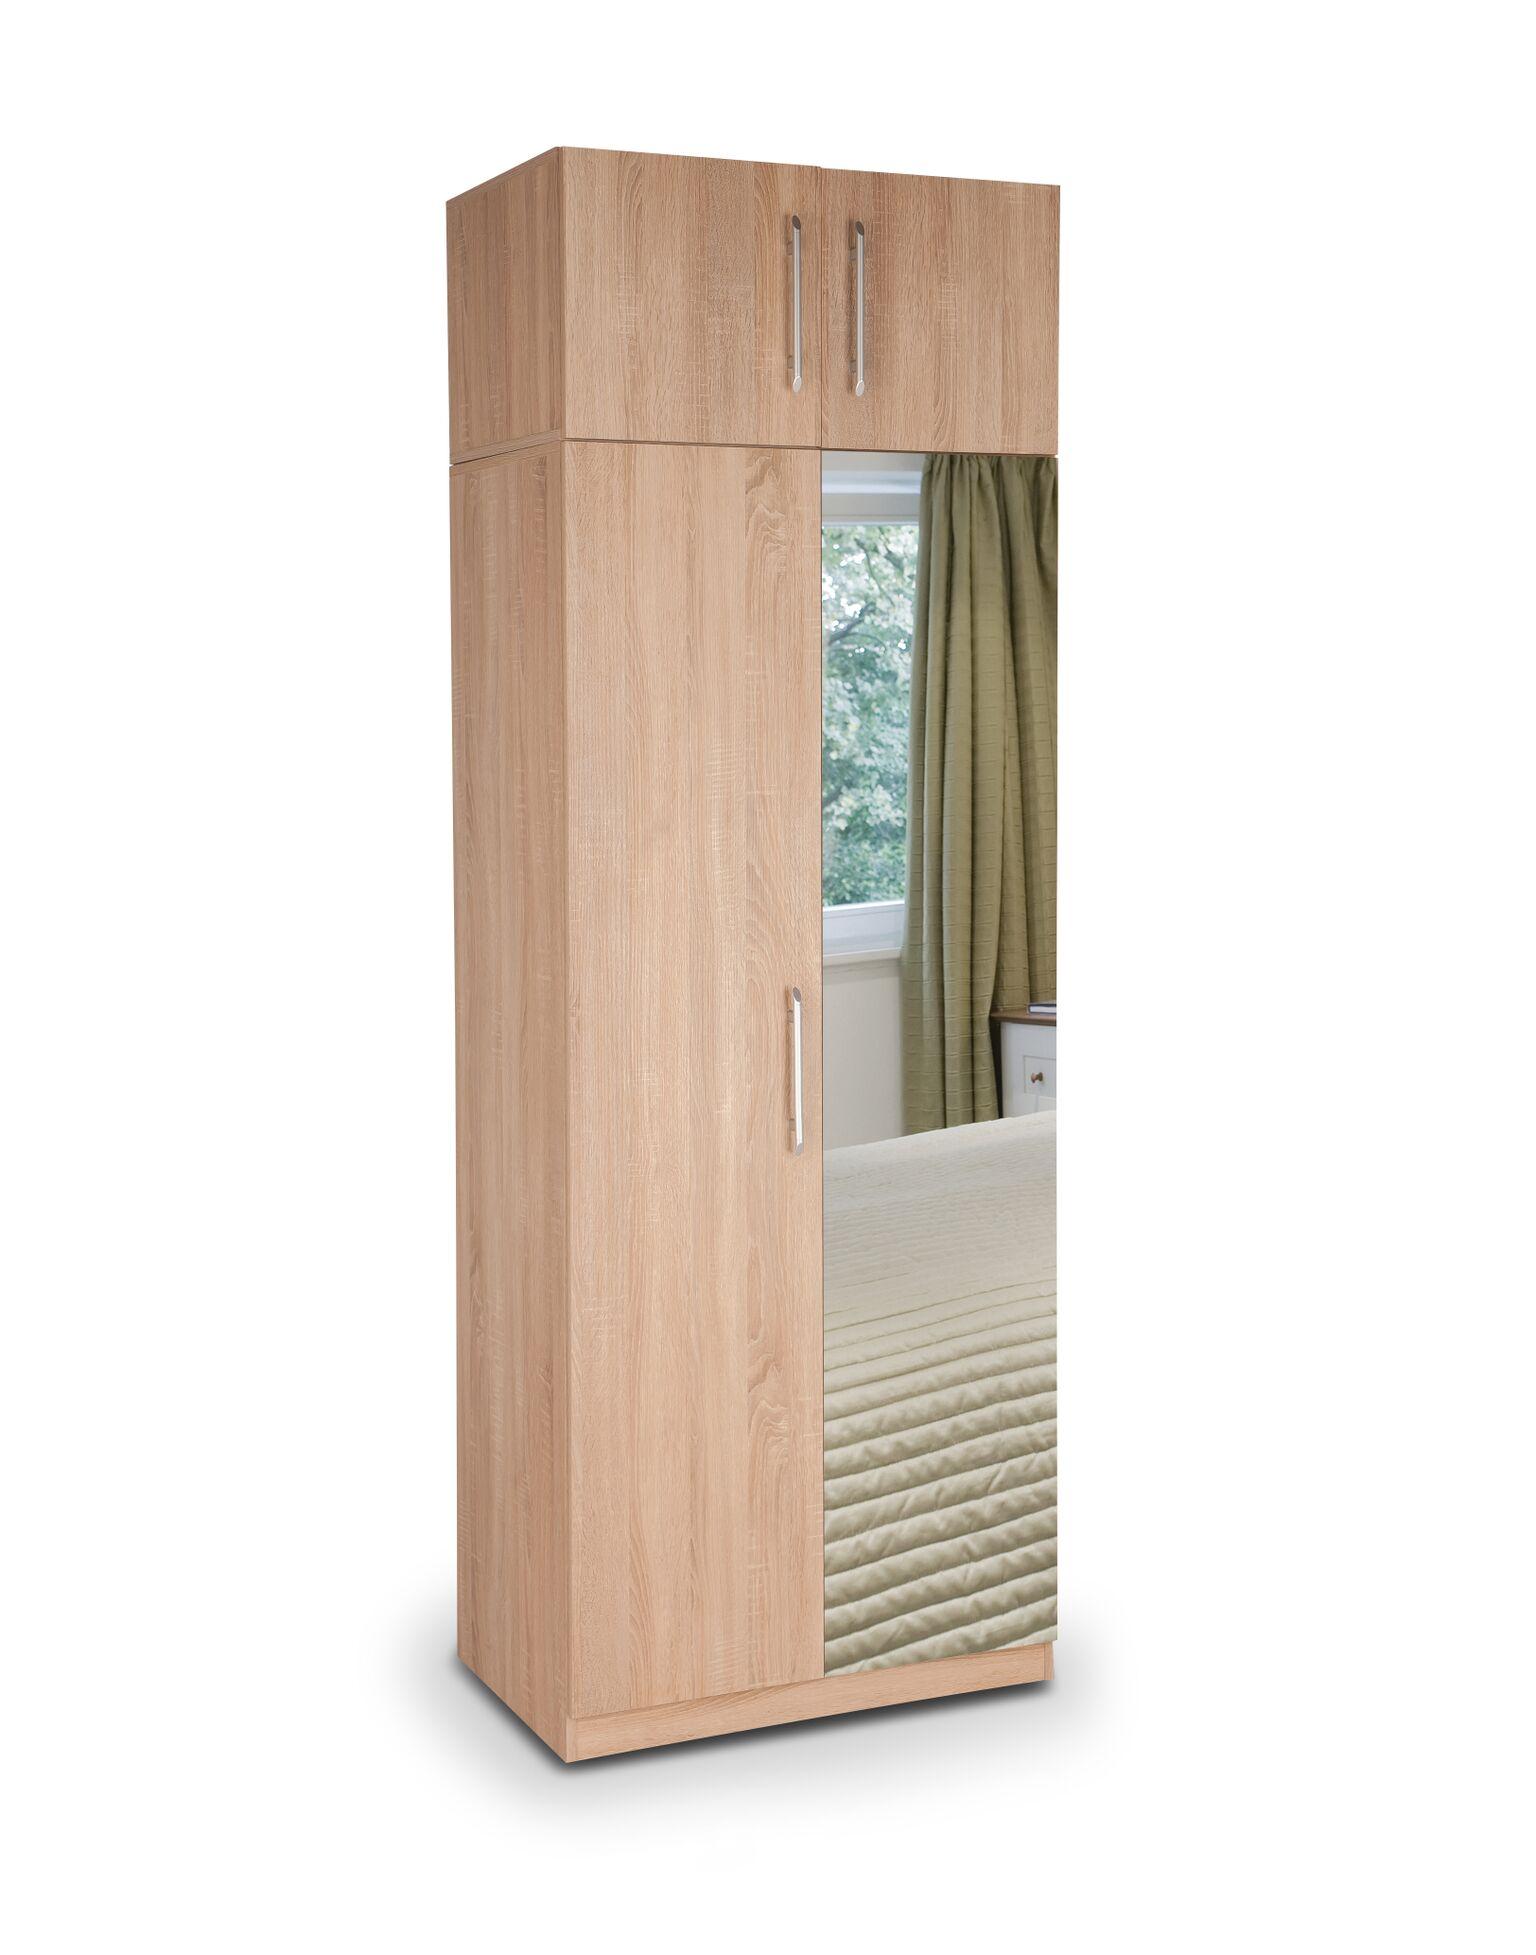 holborn plus 2 door wardrobe with 1 mirrored door